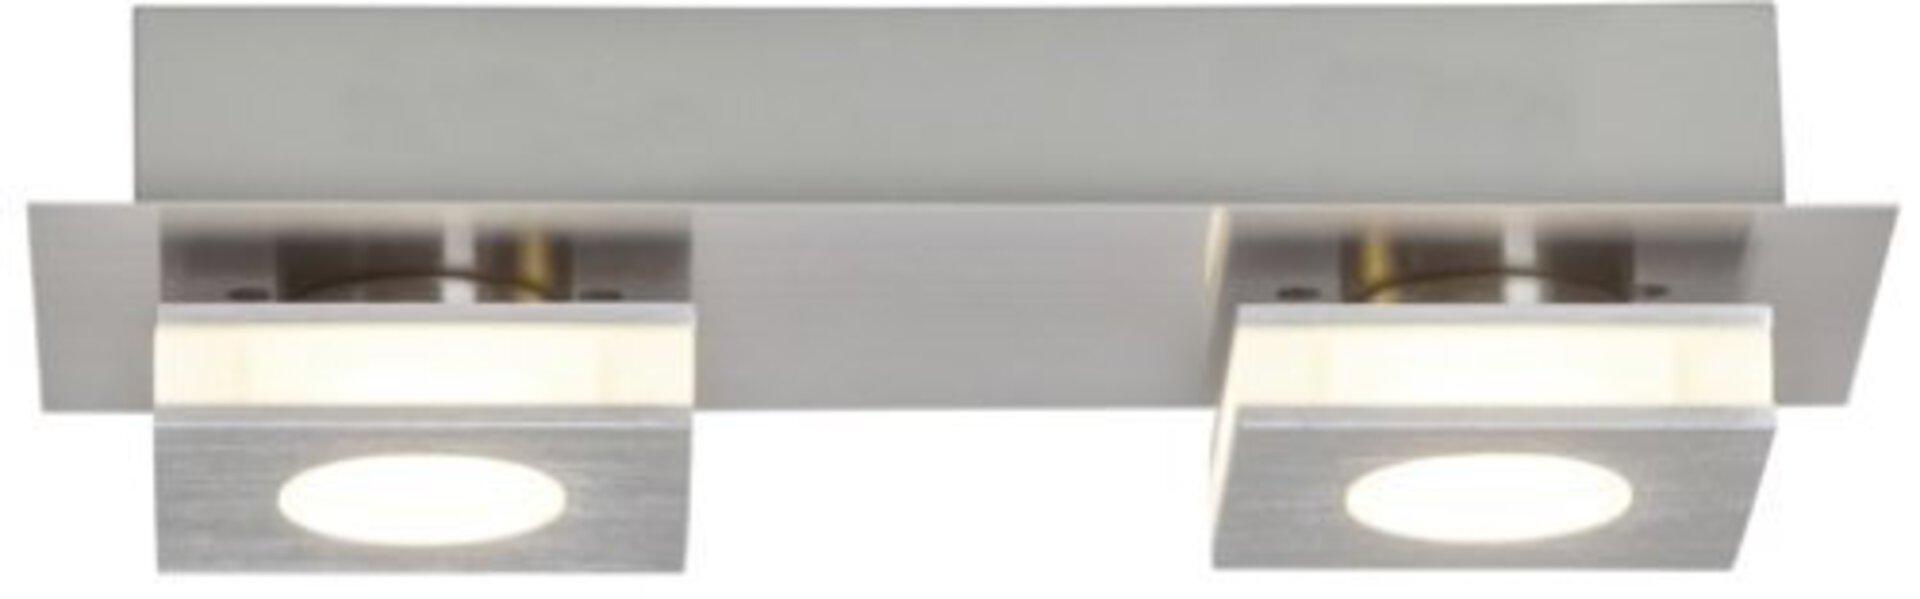 Deckenleuchte TRANSIT Brilliant Metall 10 x 7 x 26 cm